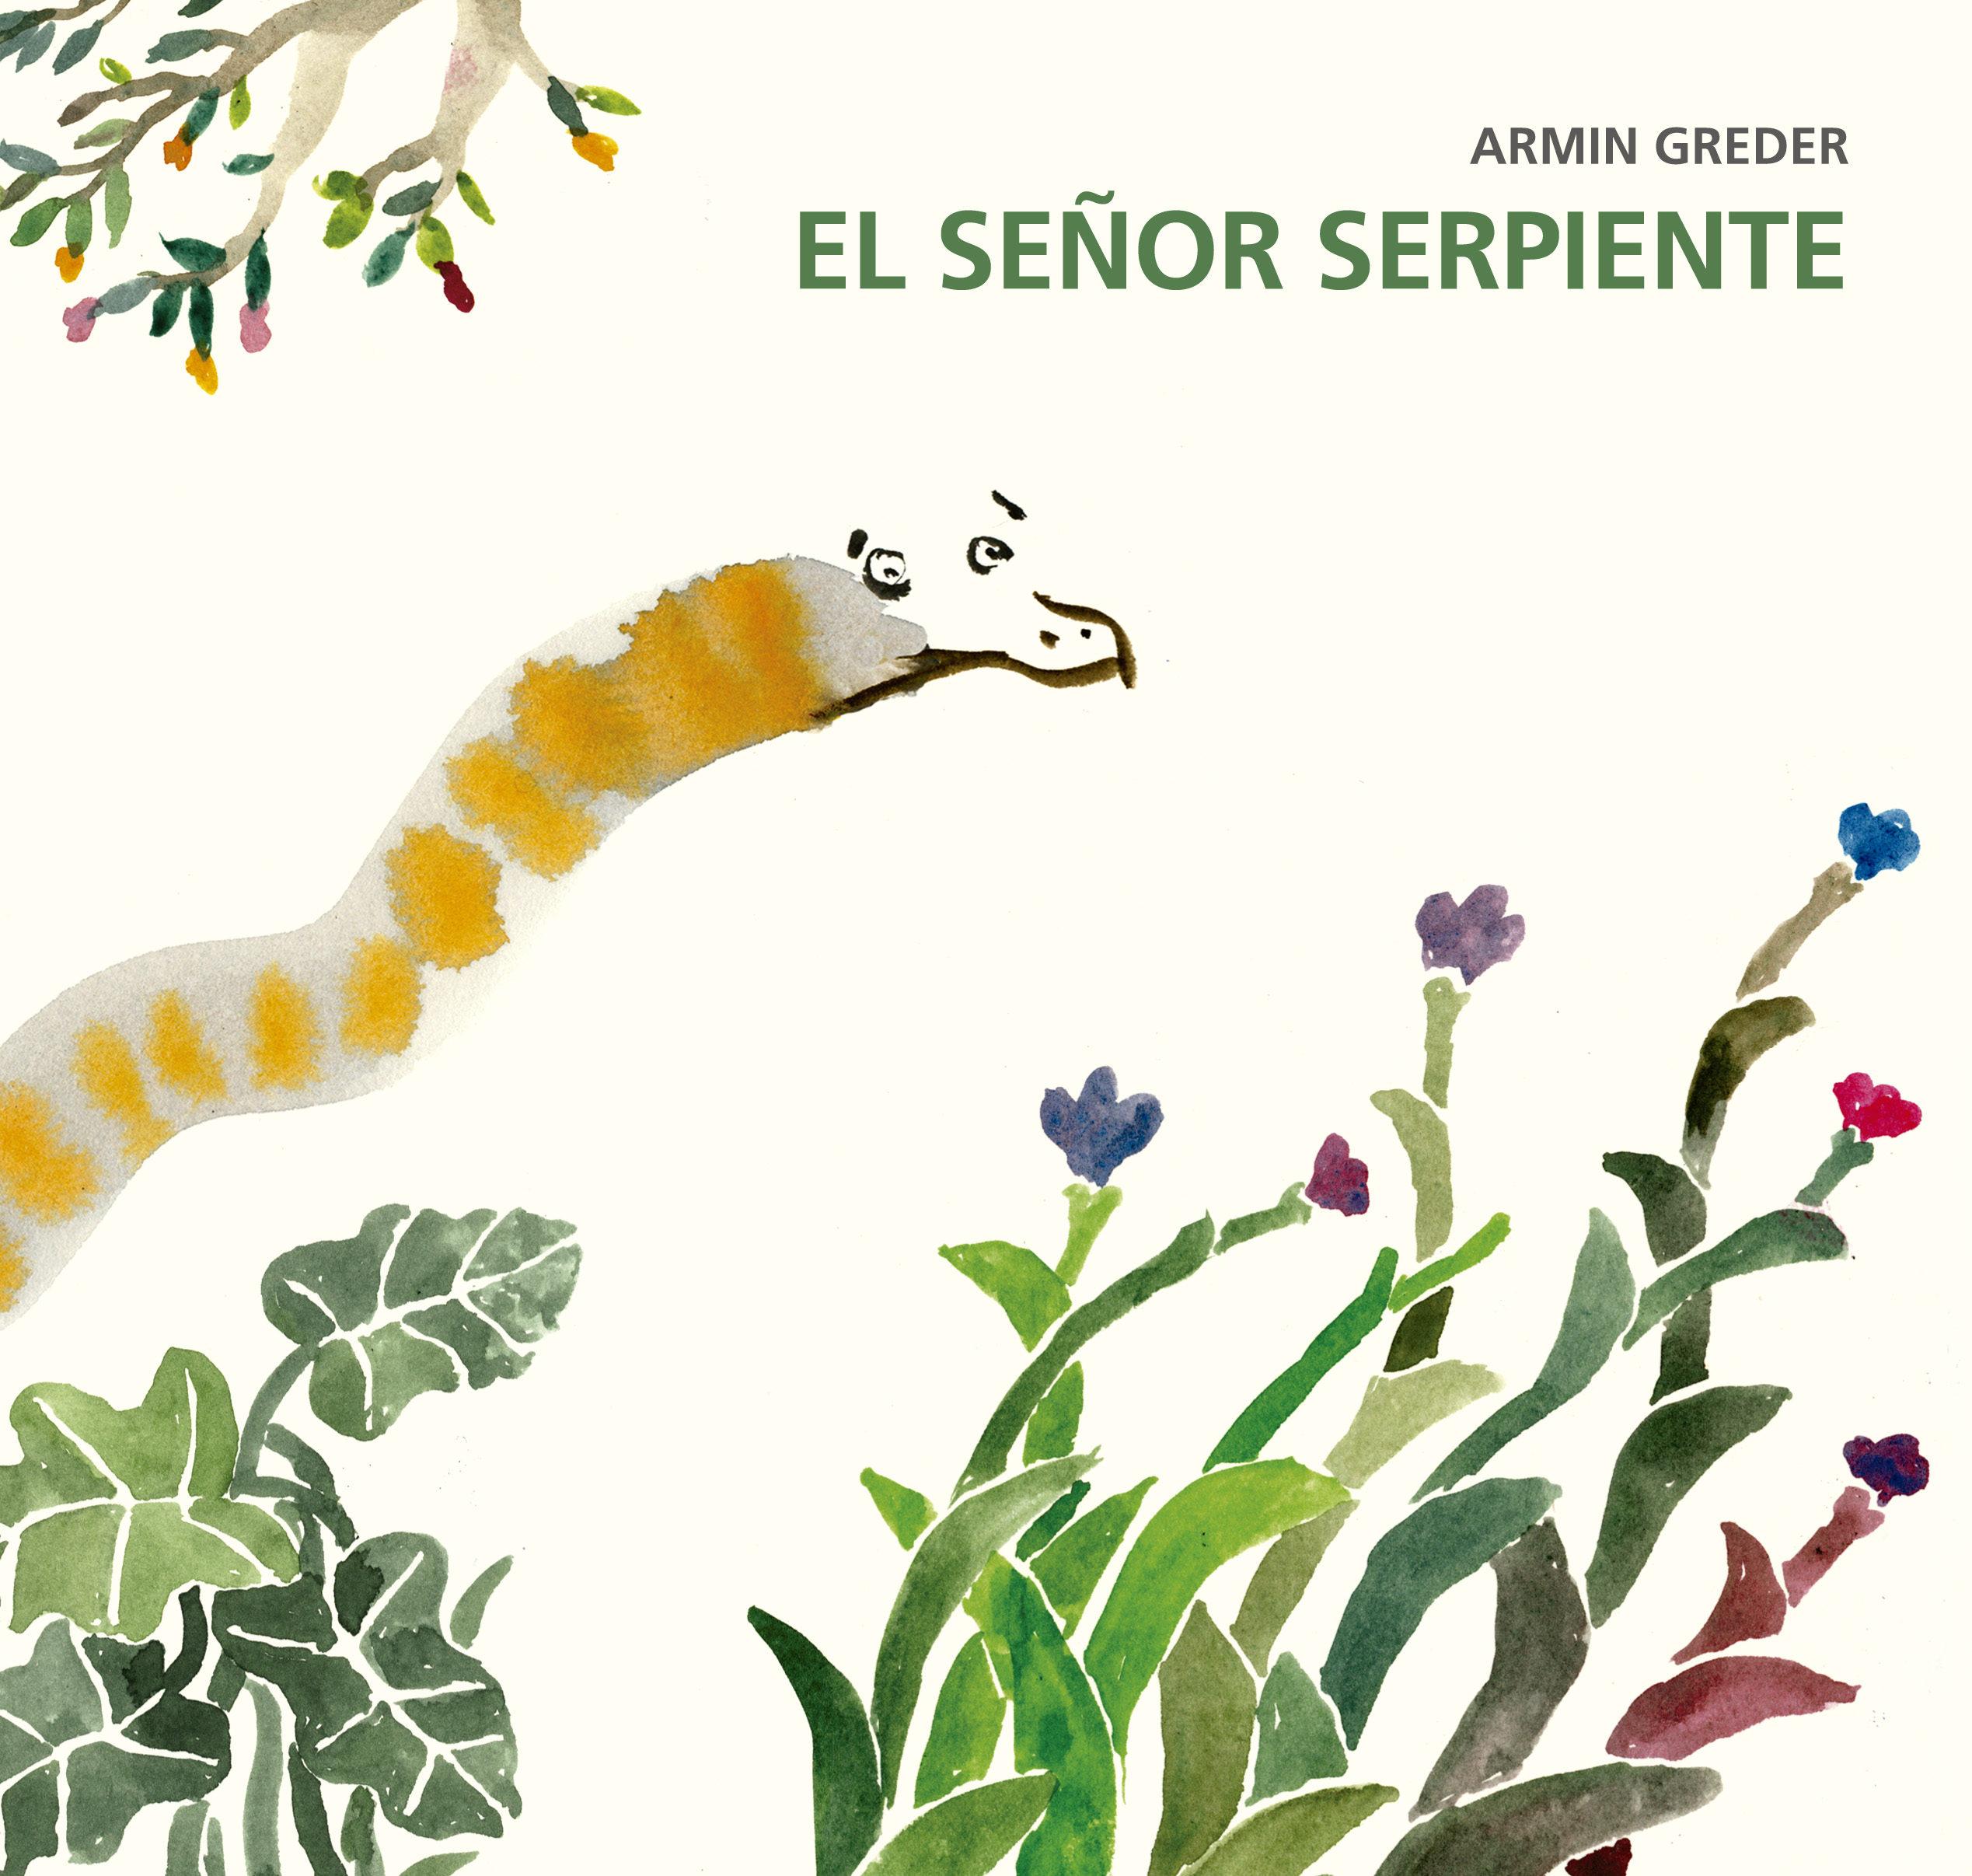 Resultado de imagen de El señor serpiente, Armin Greder